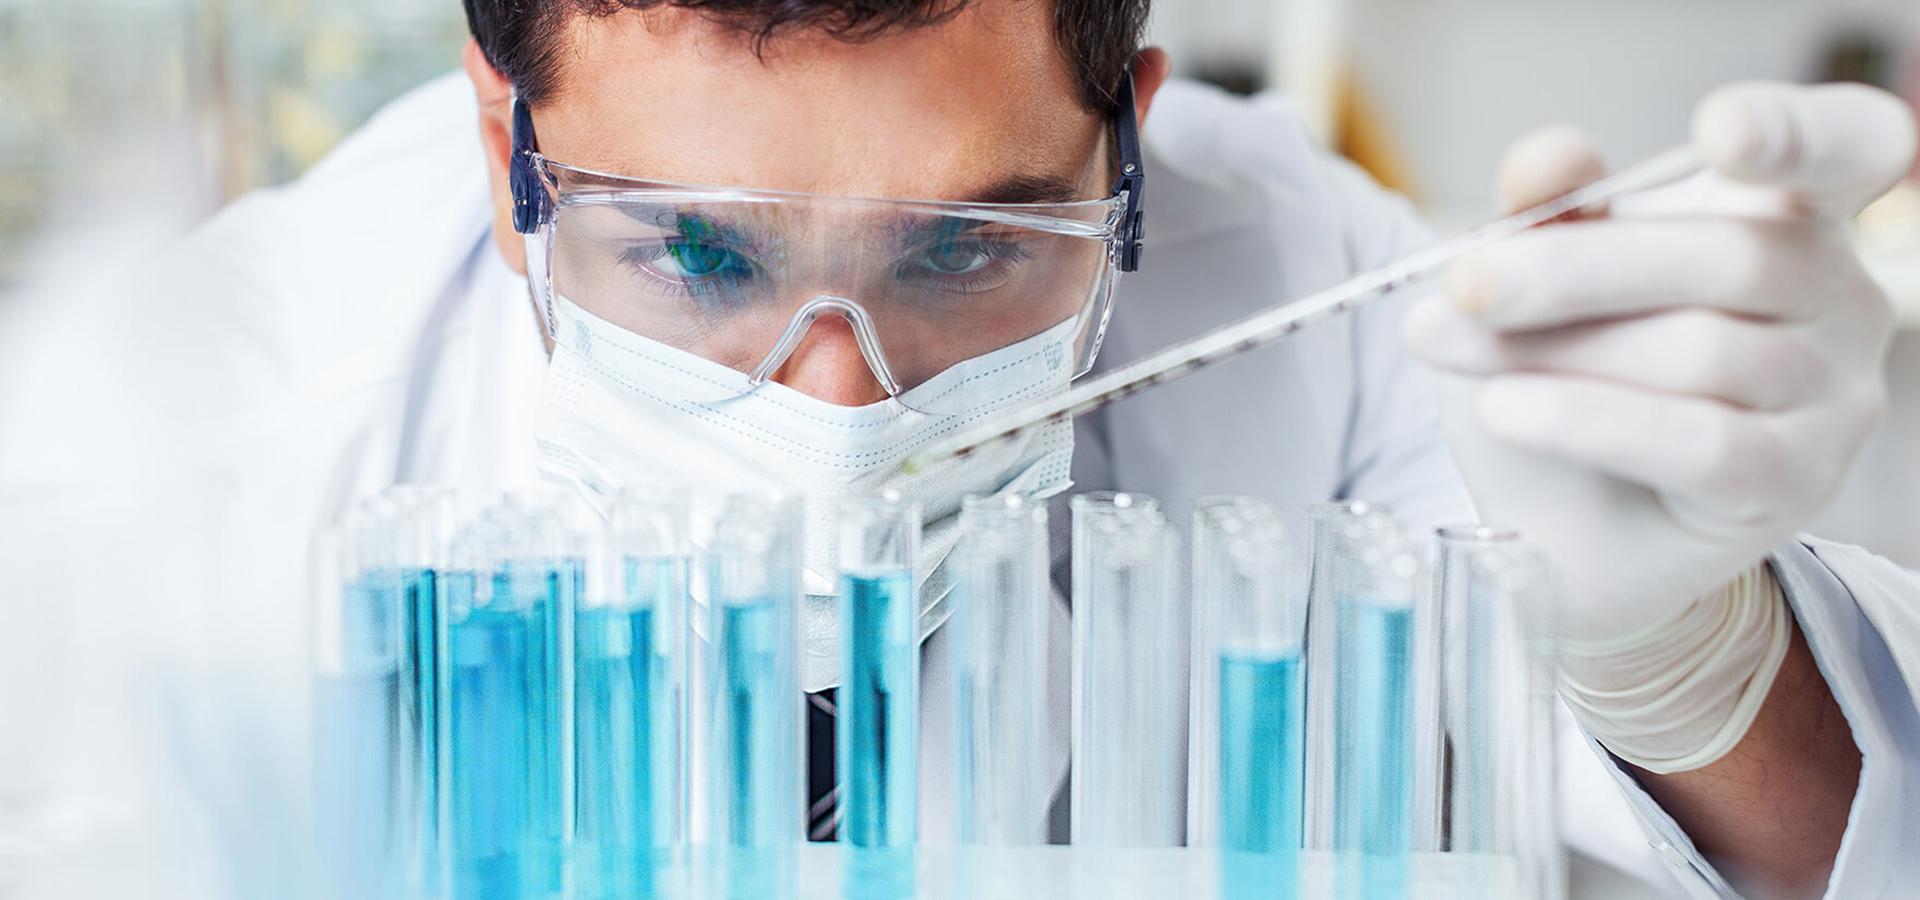 Labor -Laboratóriumi vizsgálatok - azonnal -globe medical center -magánklinika budapest -bp -V.- ker. -kerület